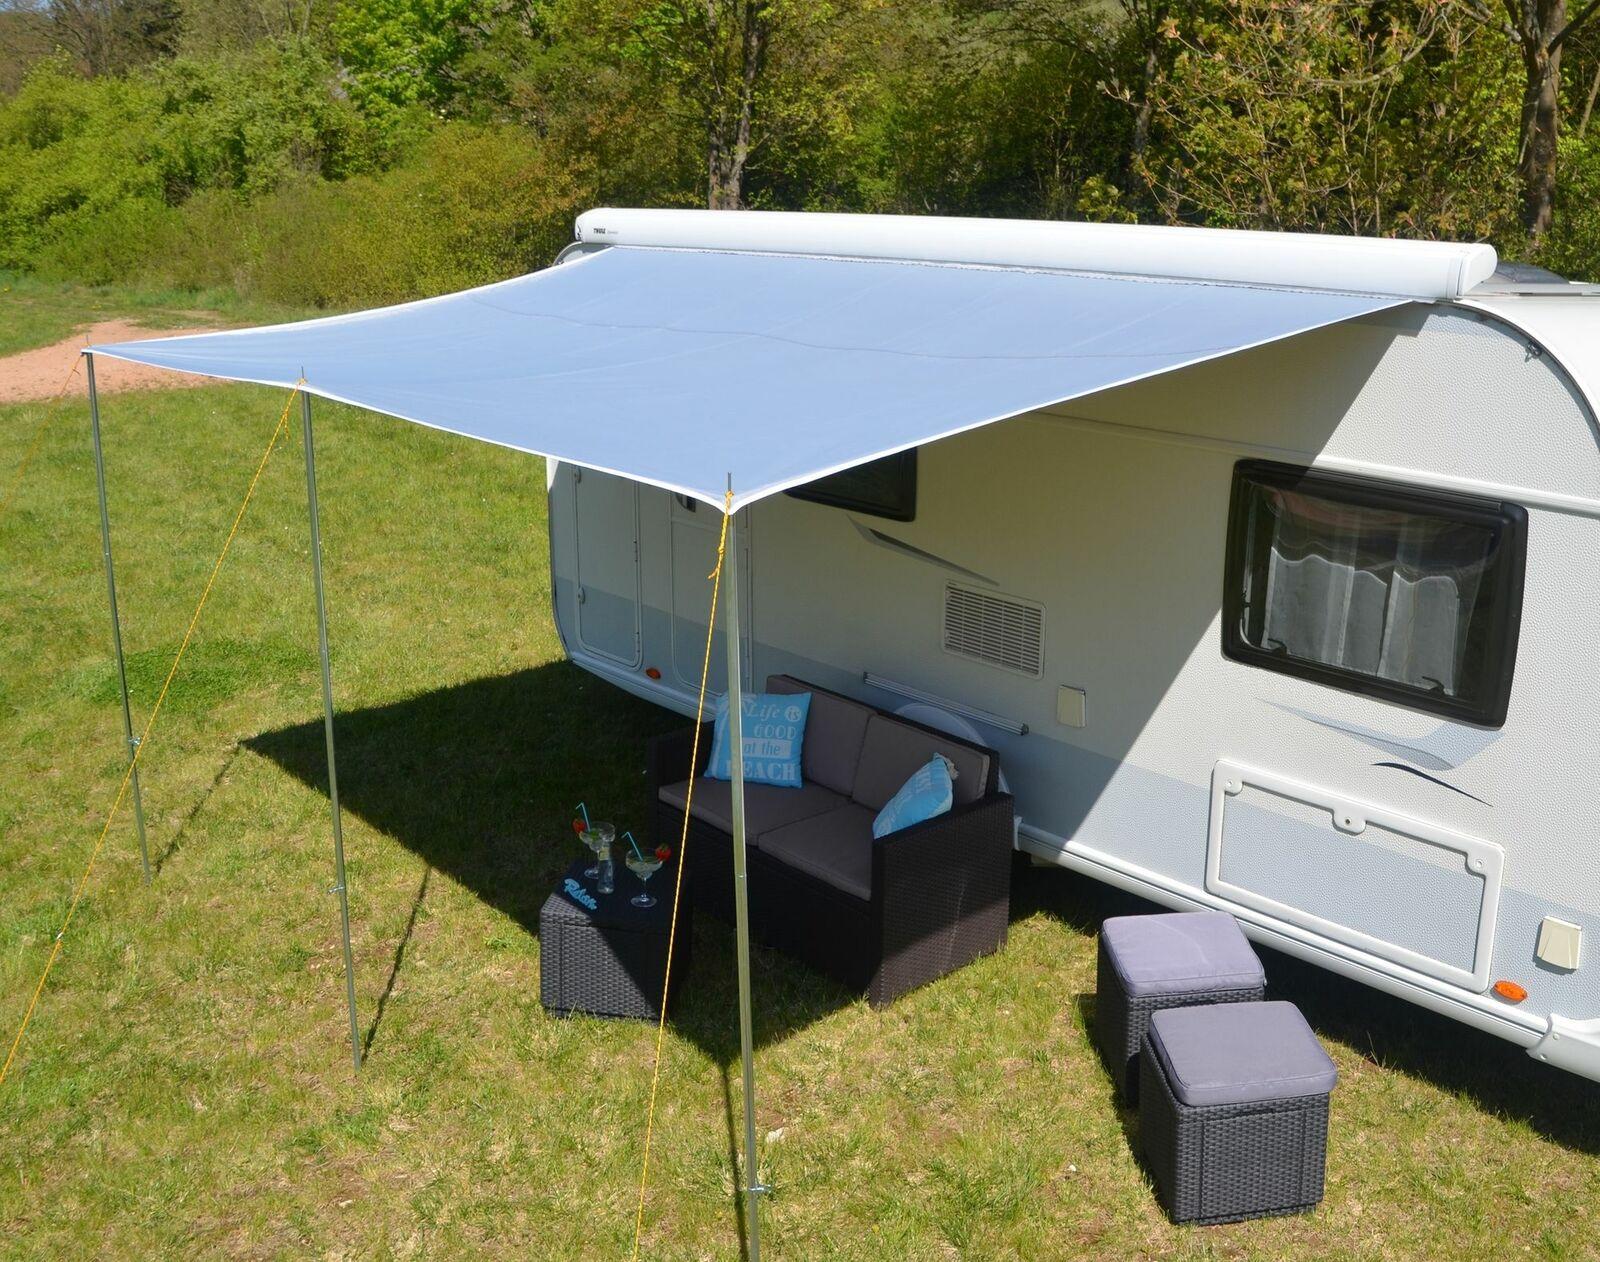 Wohnwagen Sonnenvordach Sonnenvordach Sonnenvordach Sonnendach Sonnensegel - BASIC - Breite 350cm x 240cm 8a946d